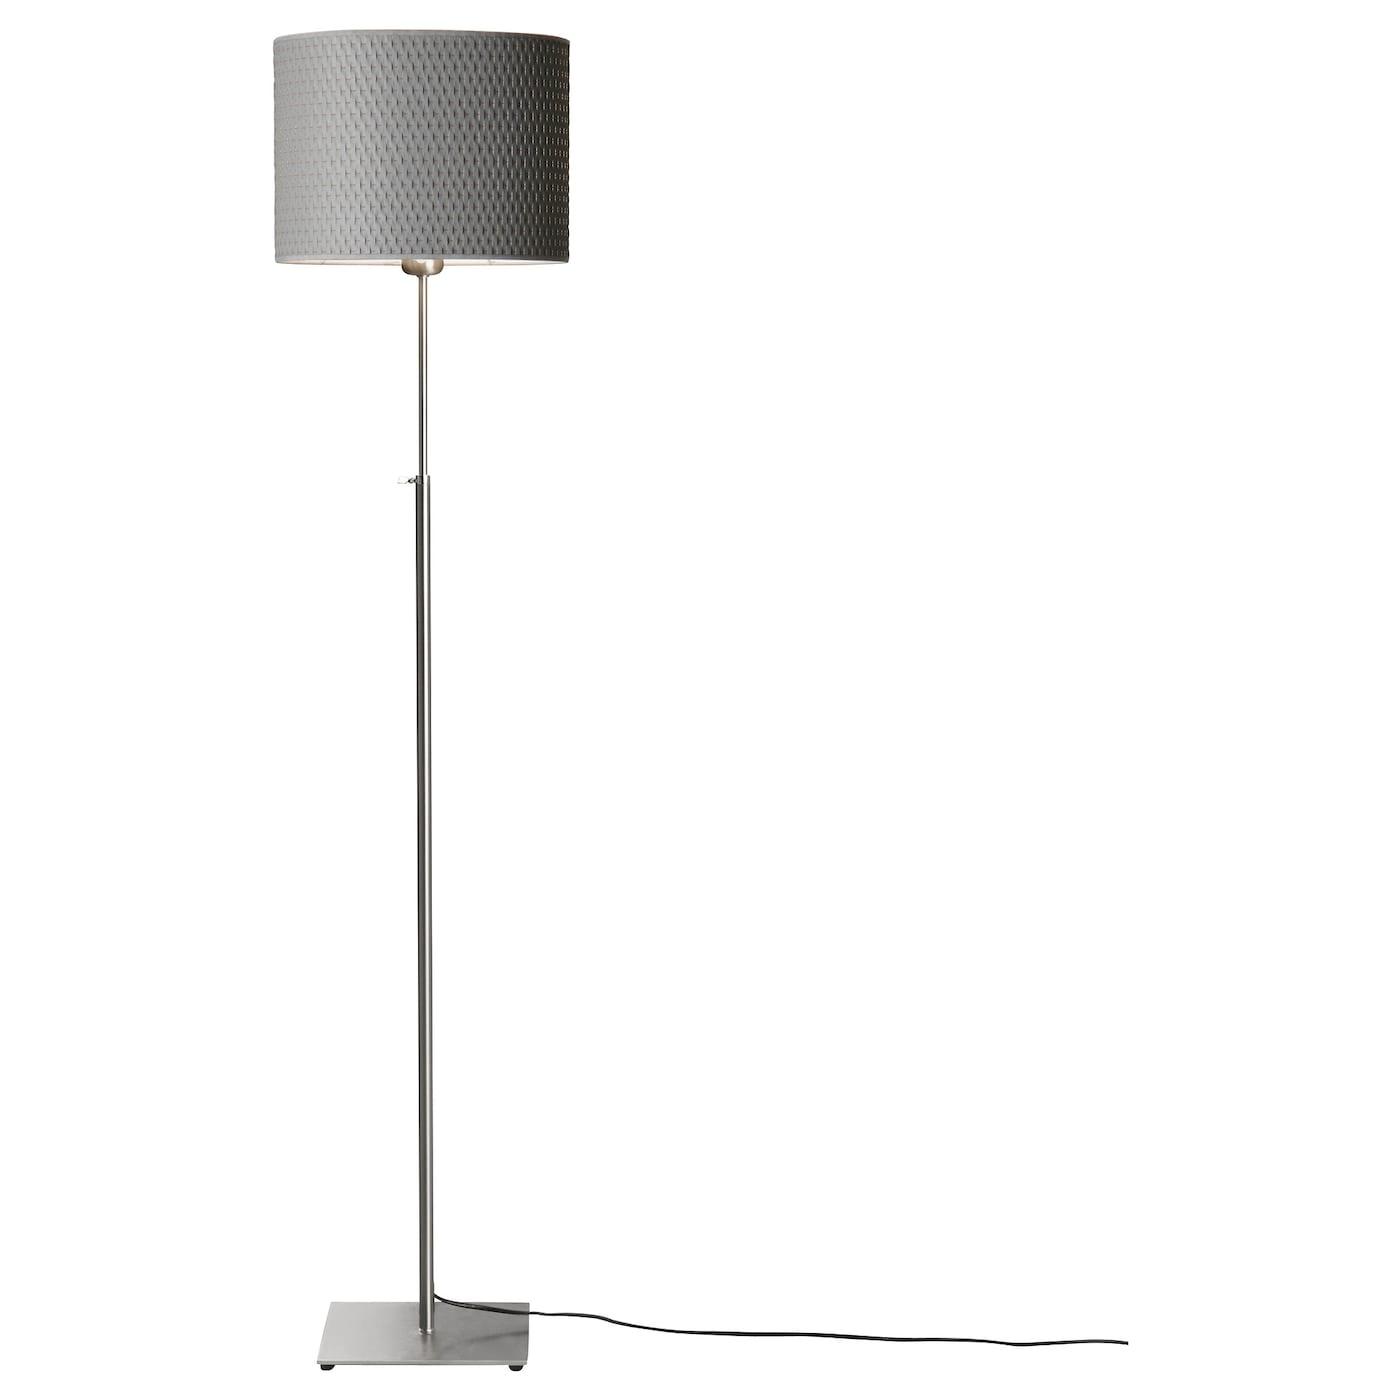 ALNG Floor lamp Nickelplatedgrey IKEA